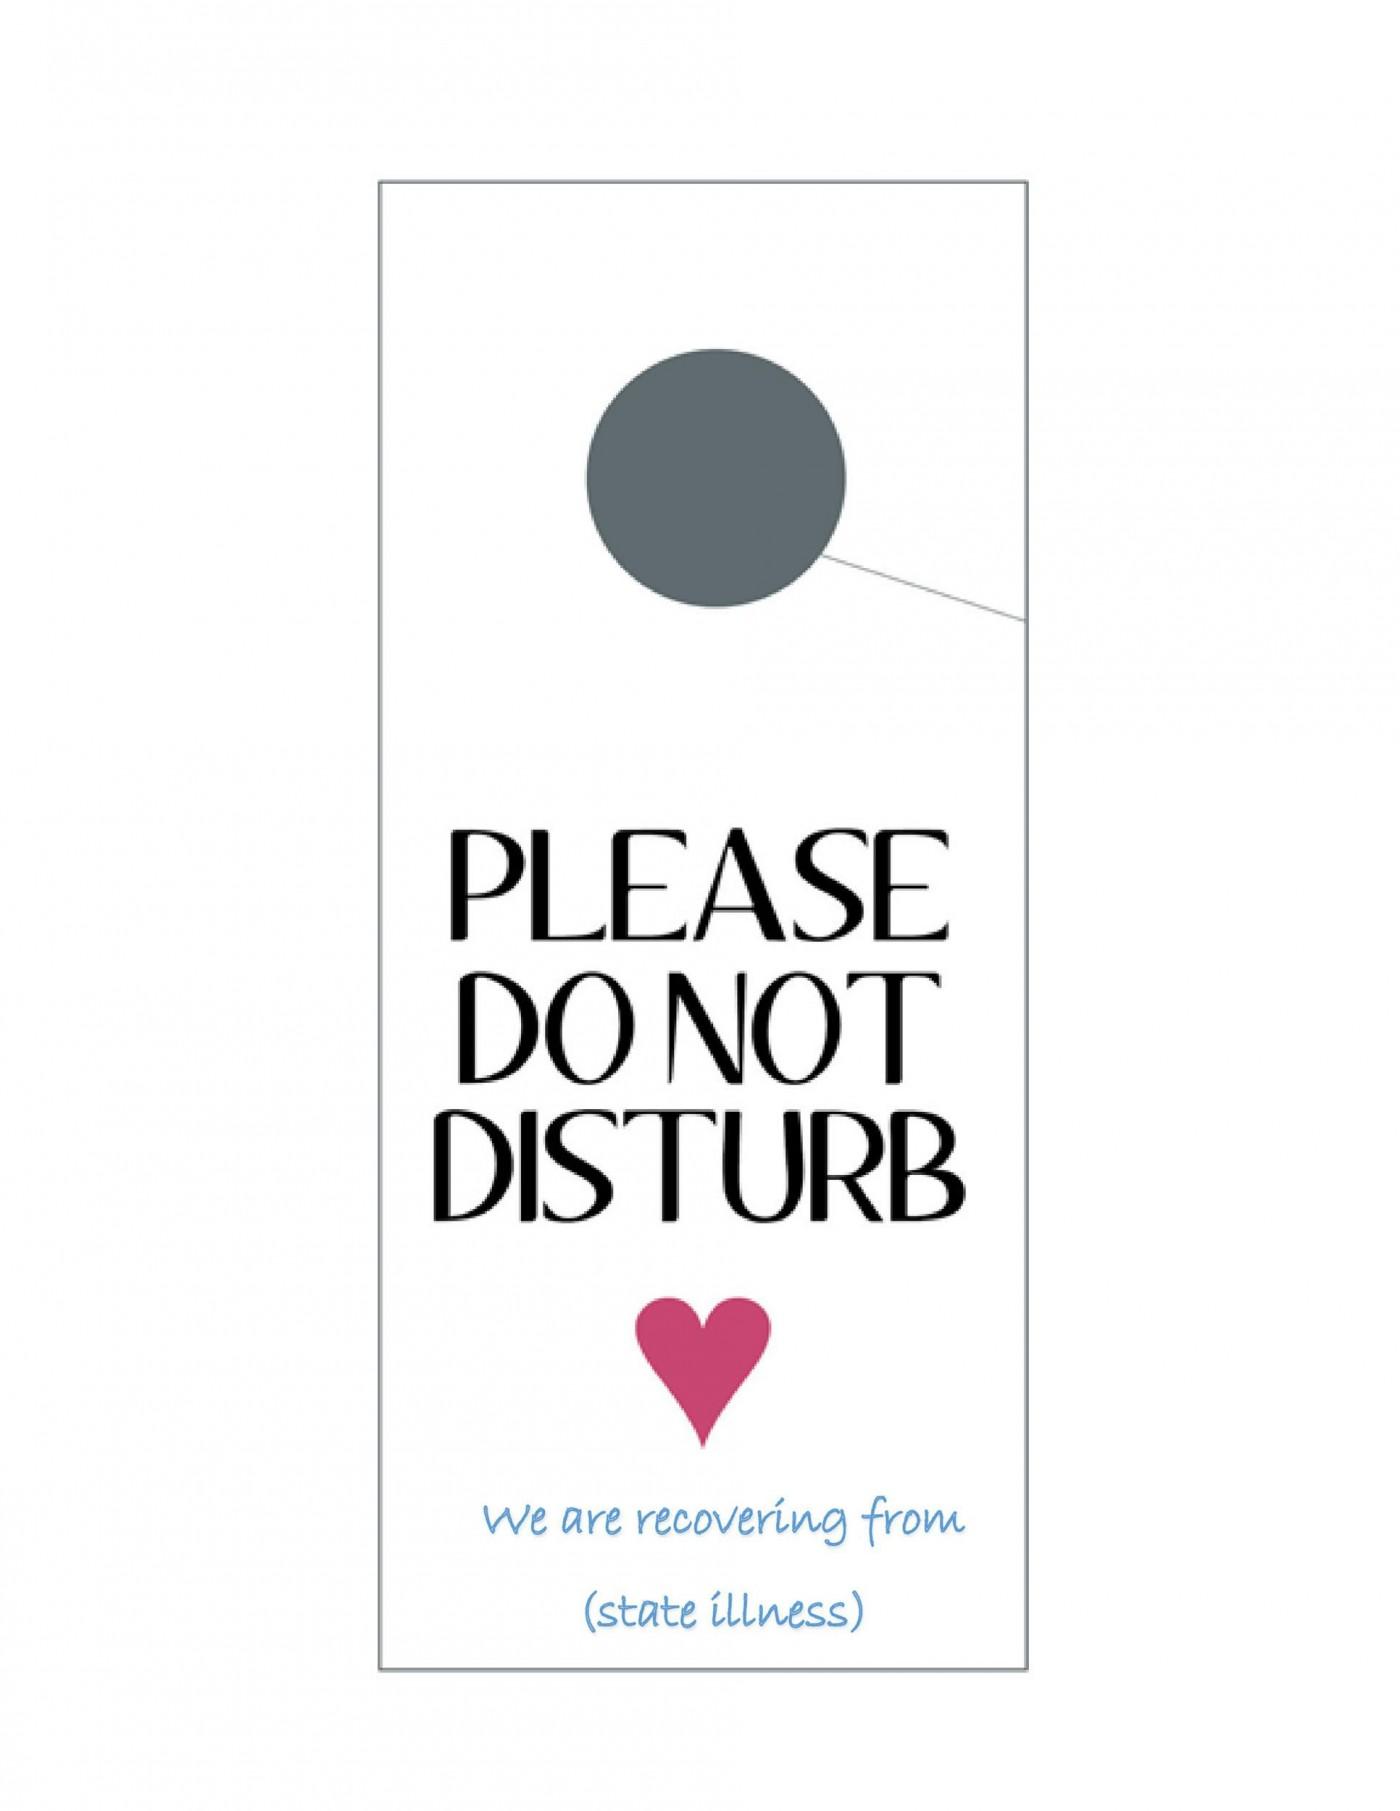 004 Outstanding Free Printable Template For Door Hanger Photo 1400